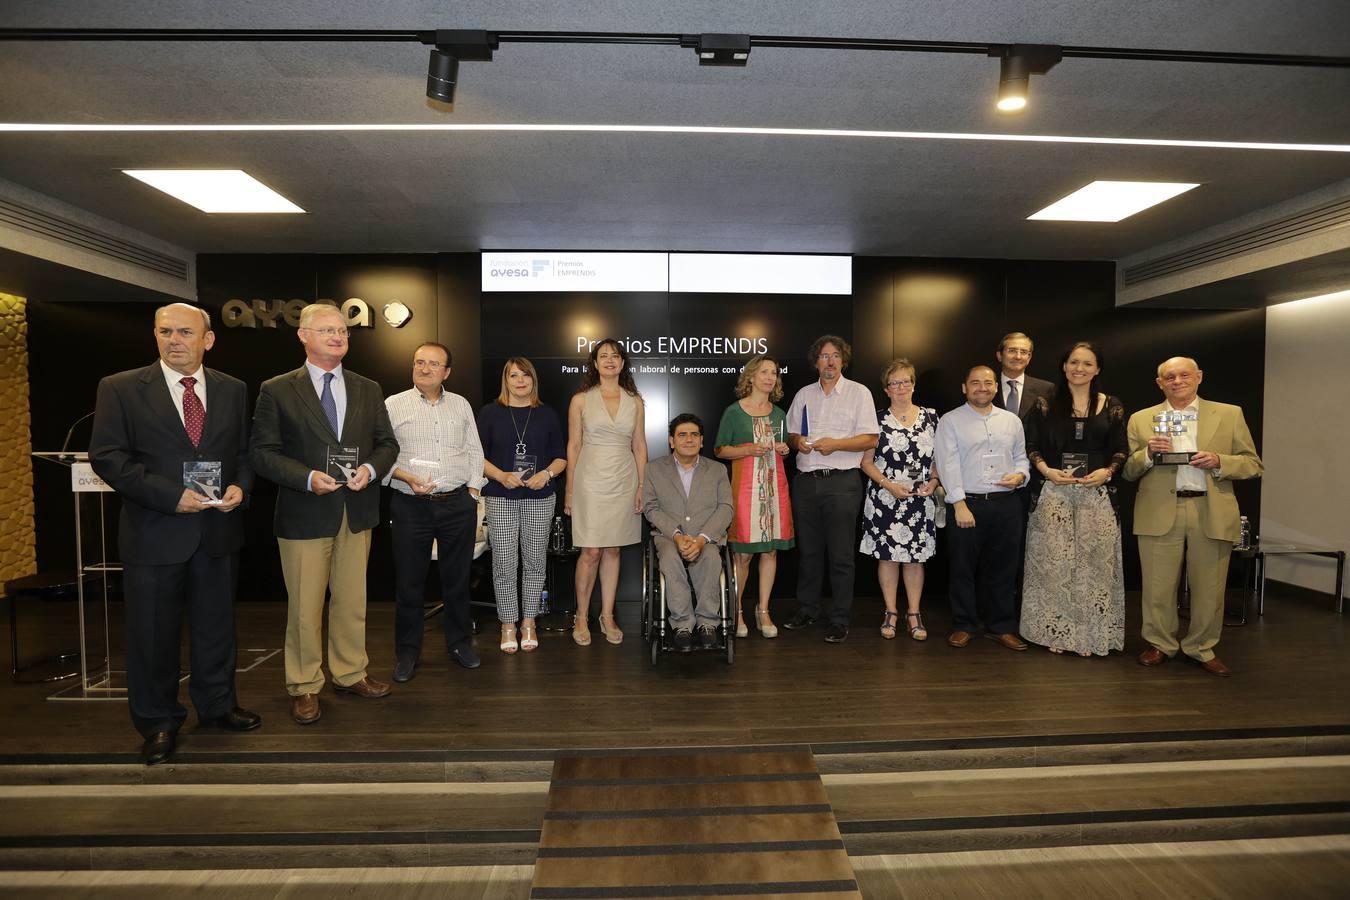 Fundación Ayesa otorga los Premios EMPRENDIS para la integración laboral de discapacitados